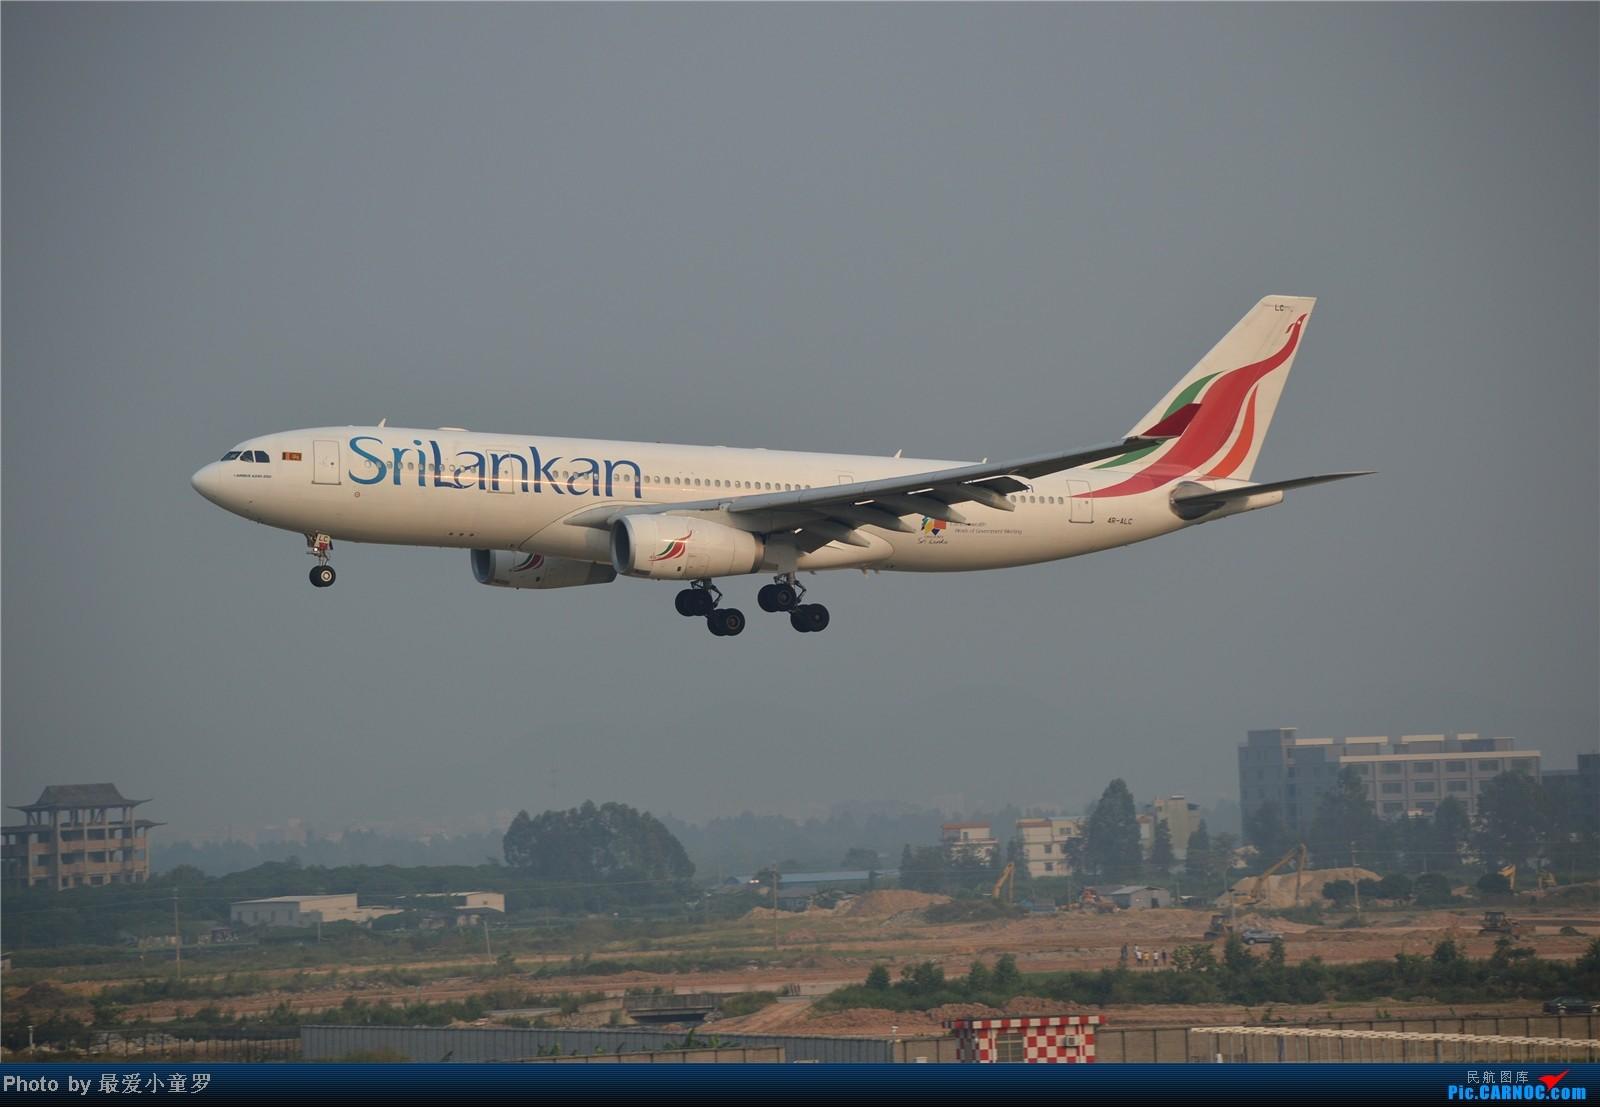 Re:[原创]炒冷饭系列2013年10月4日CAN拍机,带消防塔角度 AIRBUS A330-200 4L-ALC 中国广州白云机场